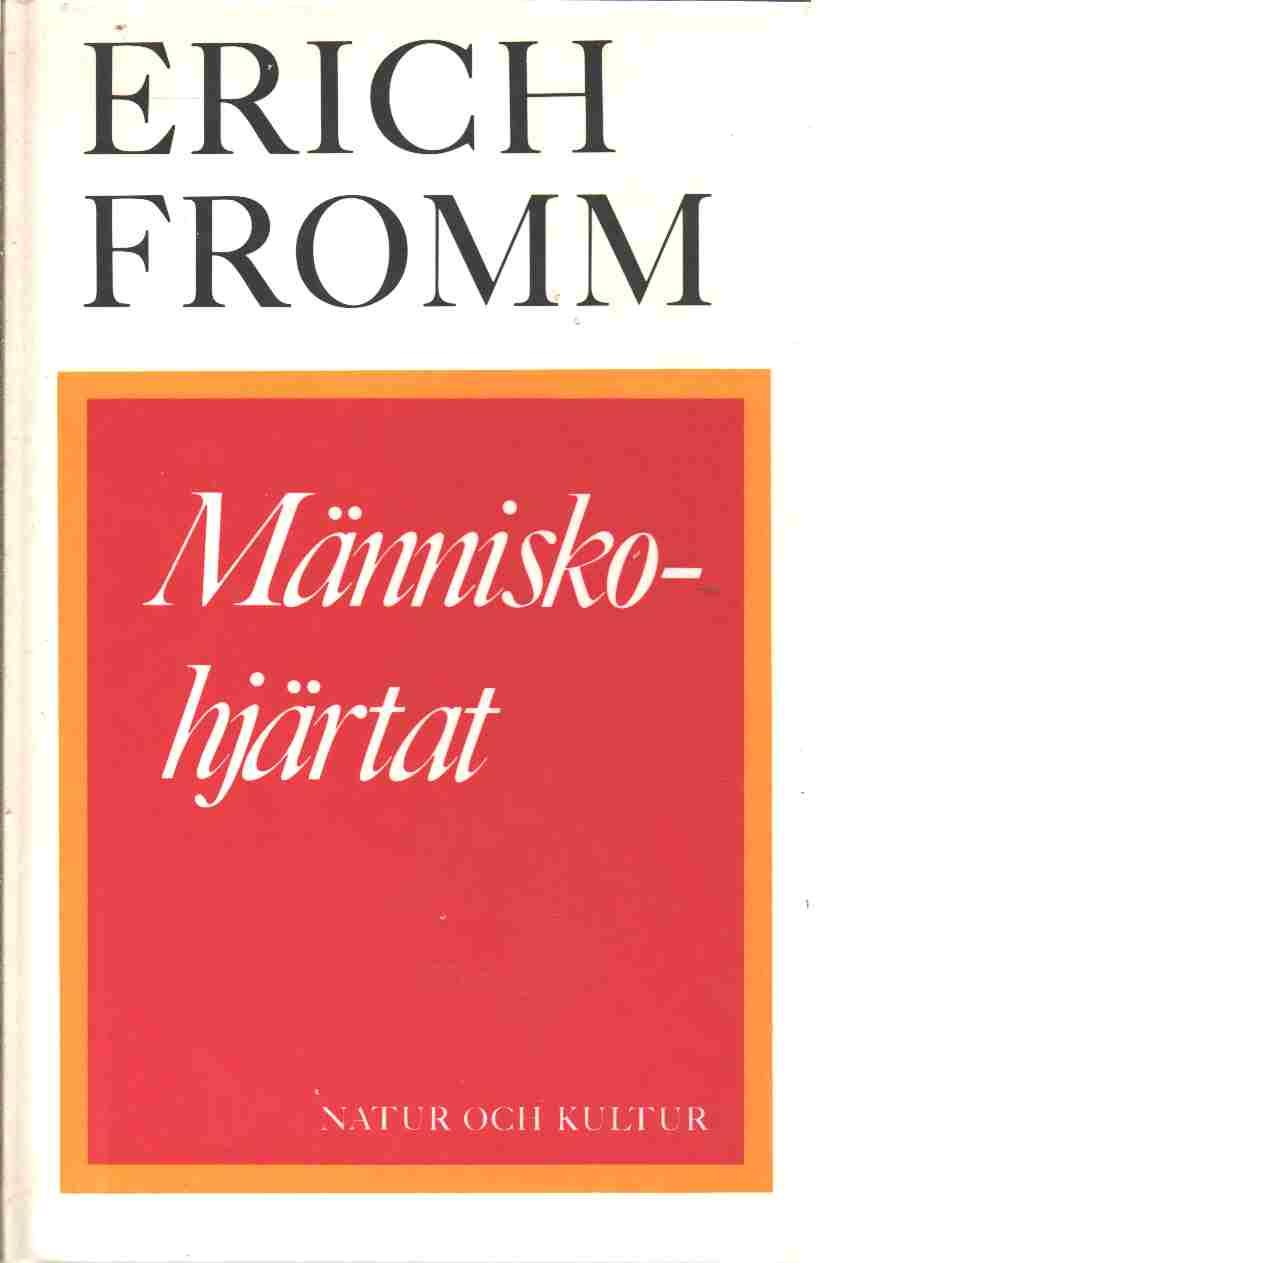 Människohjärtat - Fromm, Erich